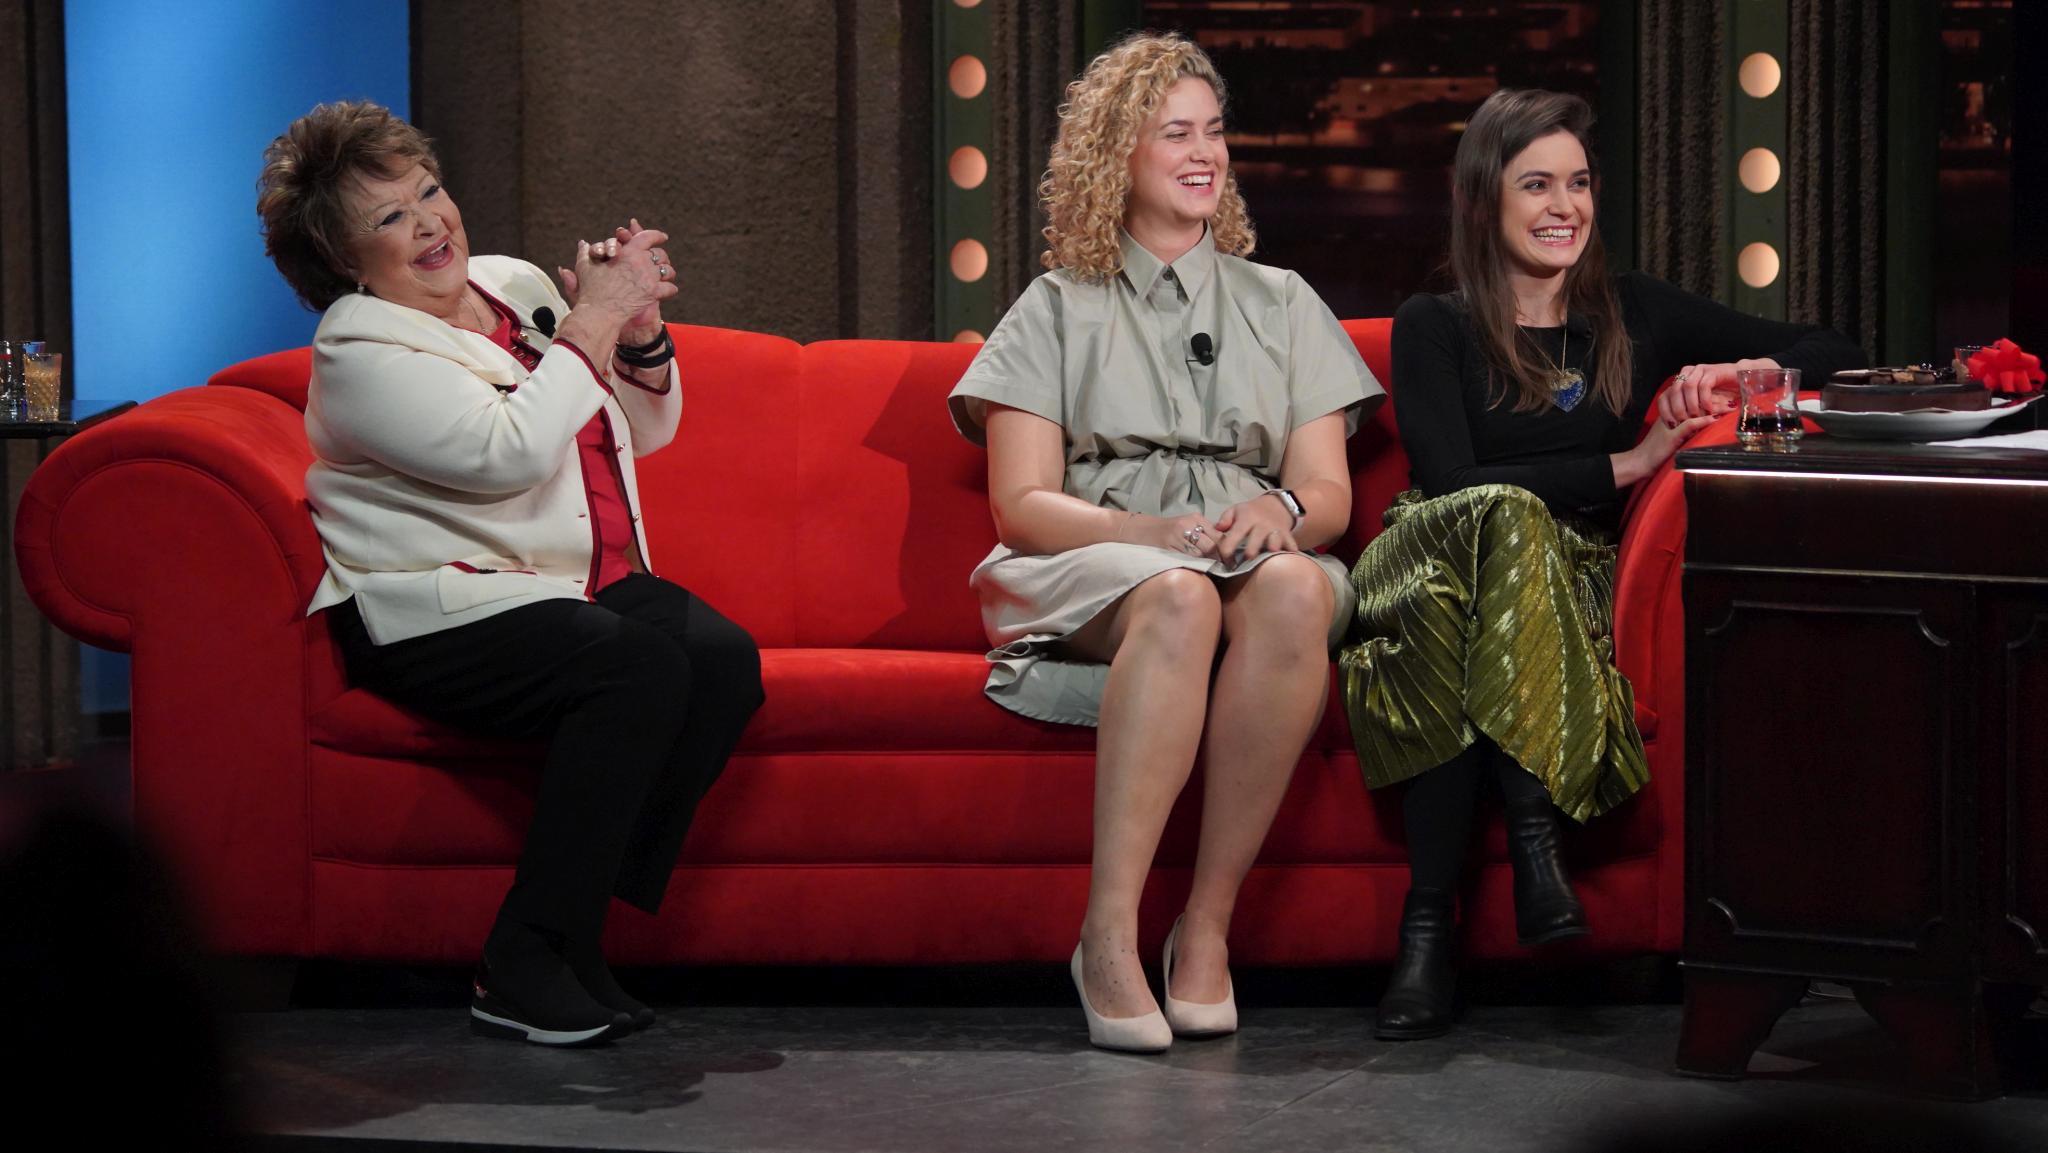 Zleva: Jiřina Bohdalová, Kateřina Pechová a Sarah Haváčová